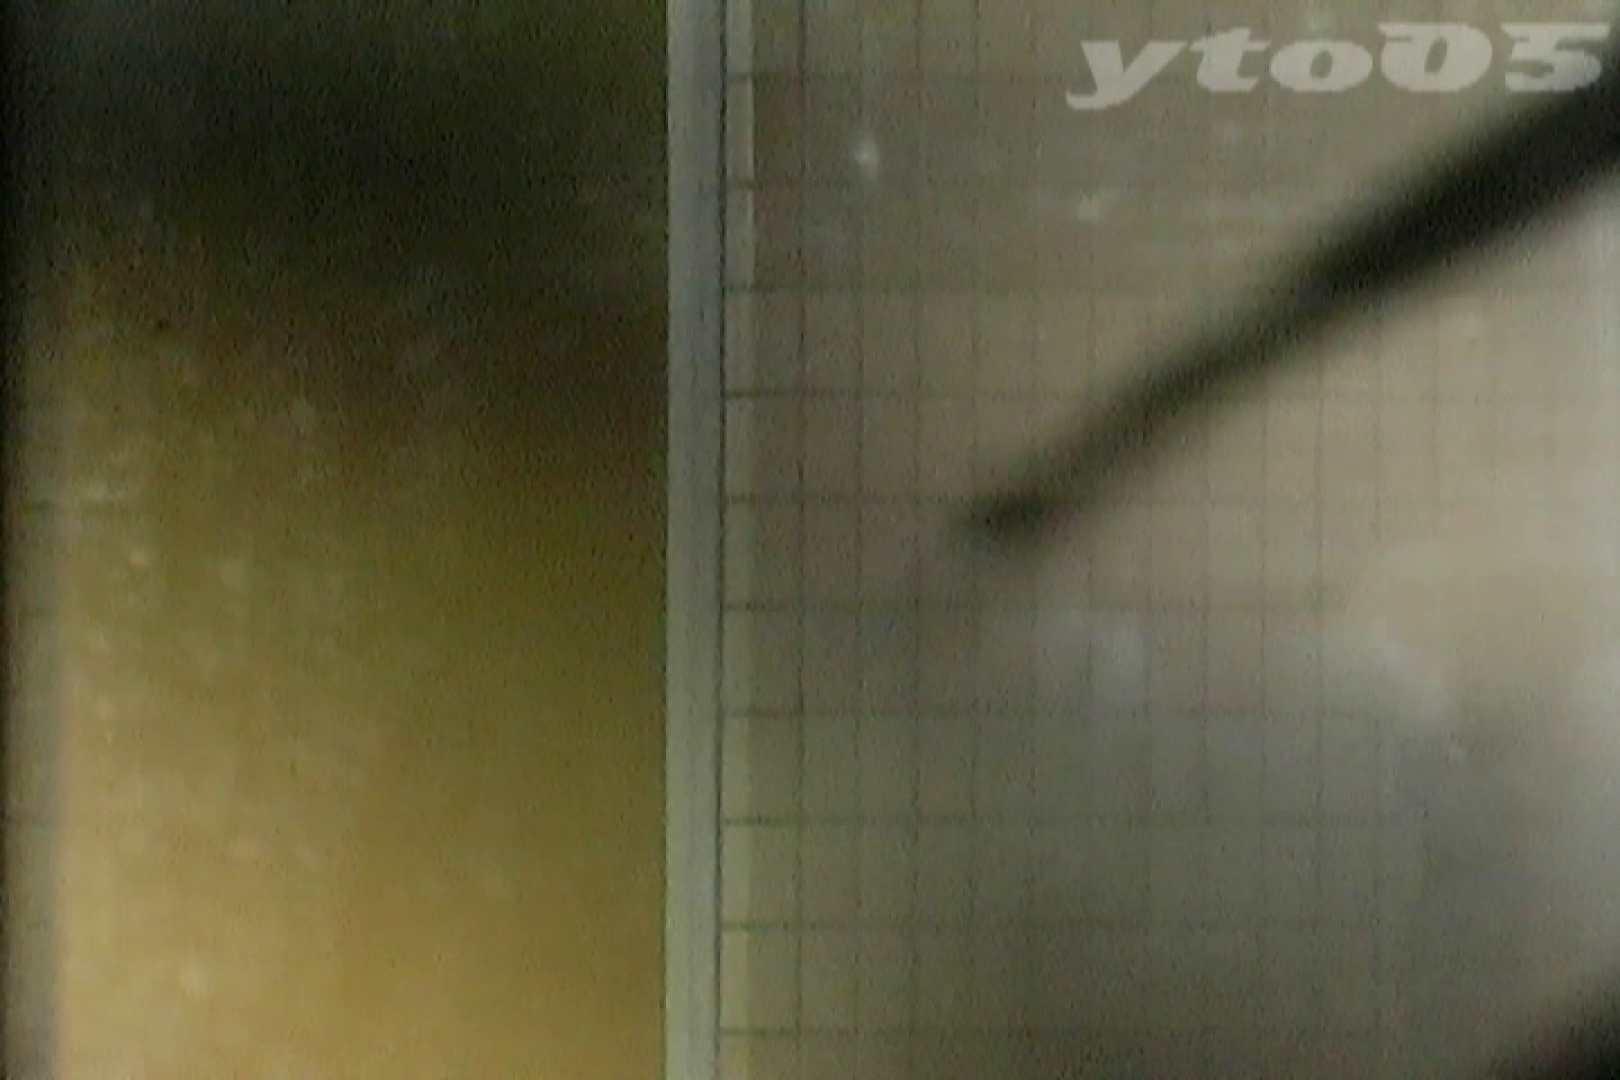 ▲復活限定▲合宿ホテル女風呂盗撮 Vol.29 合宿中の女子 ヌード画像 91PIX 65